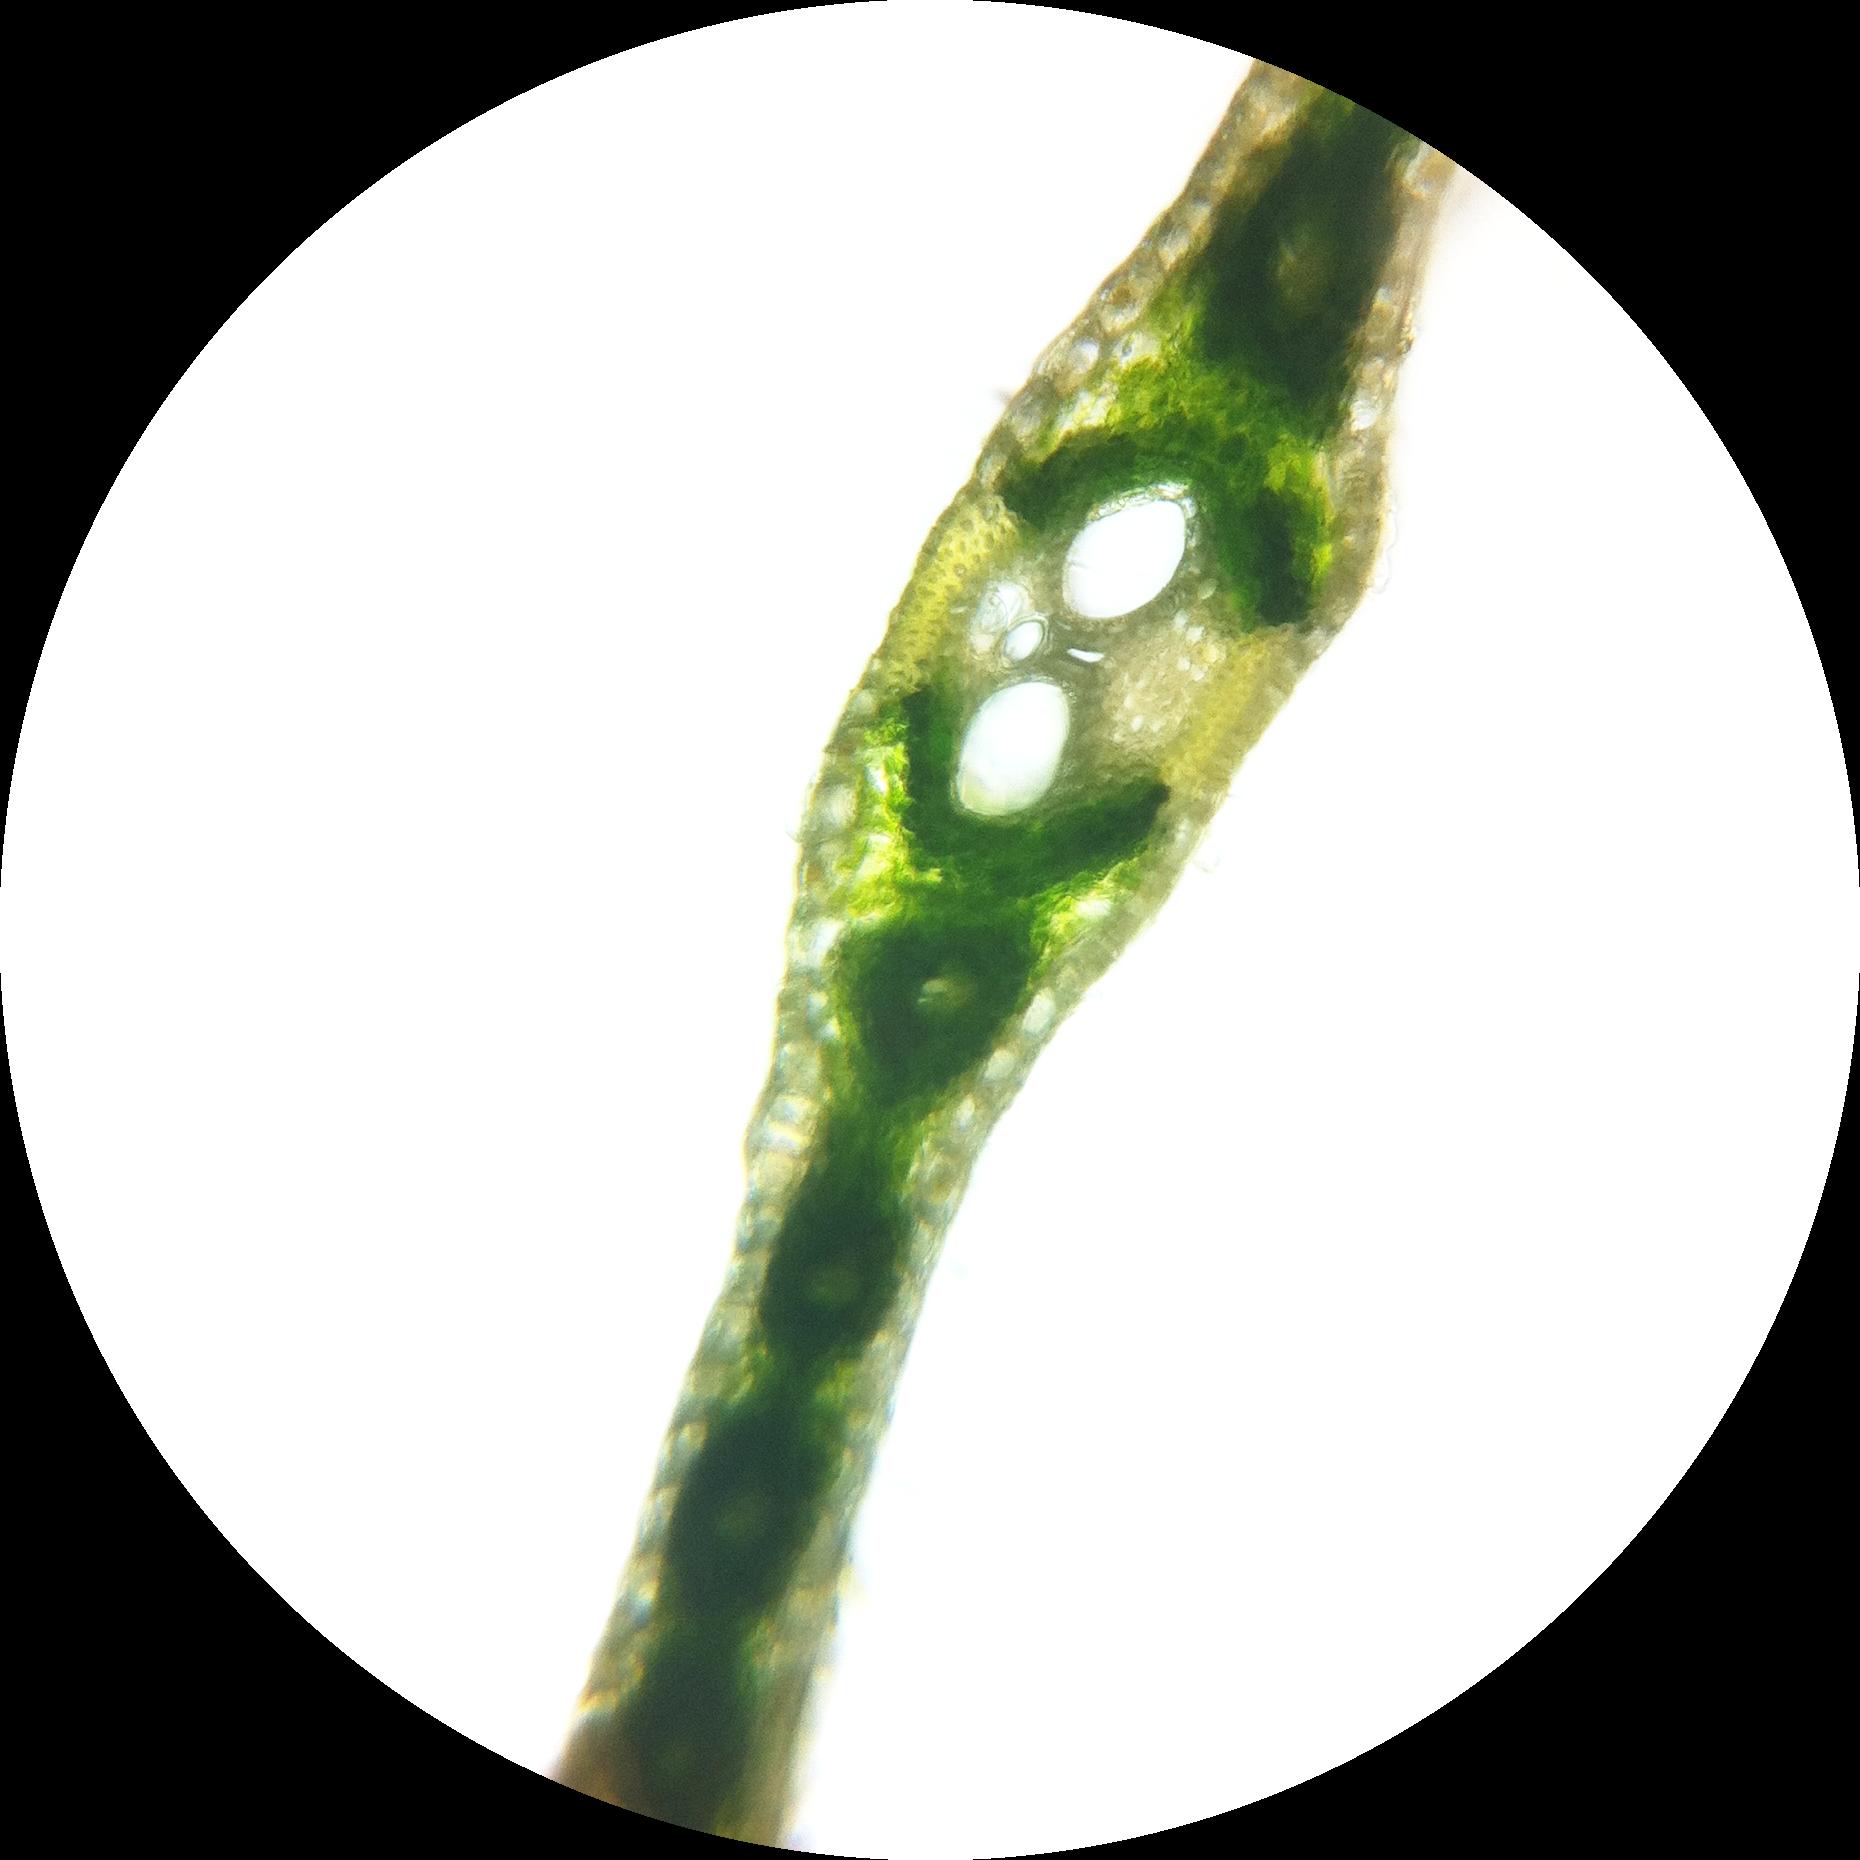 Filezea Mays Leaf Kranz Anatomy 1 200g Wikimedia Commons